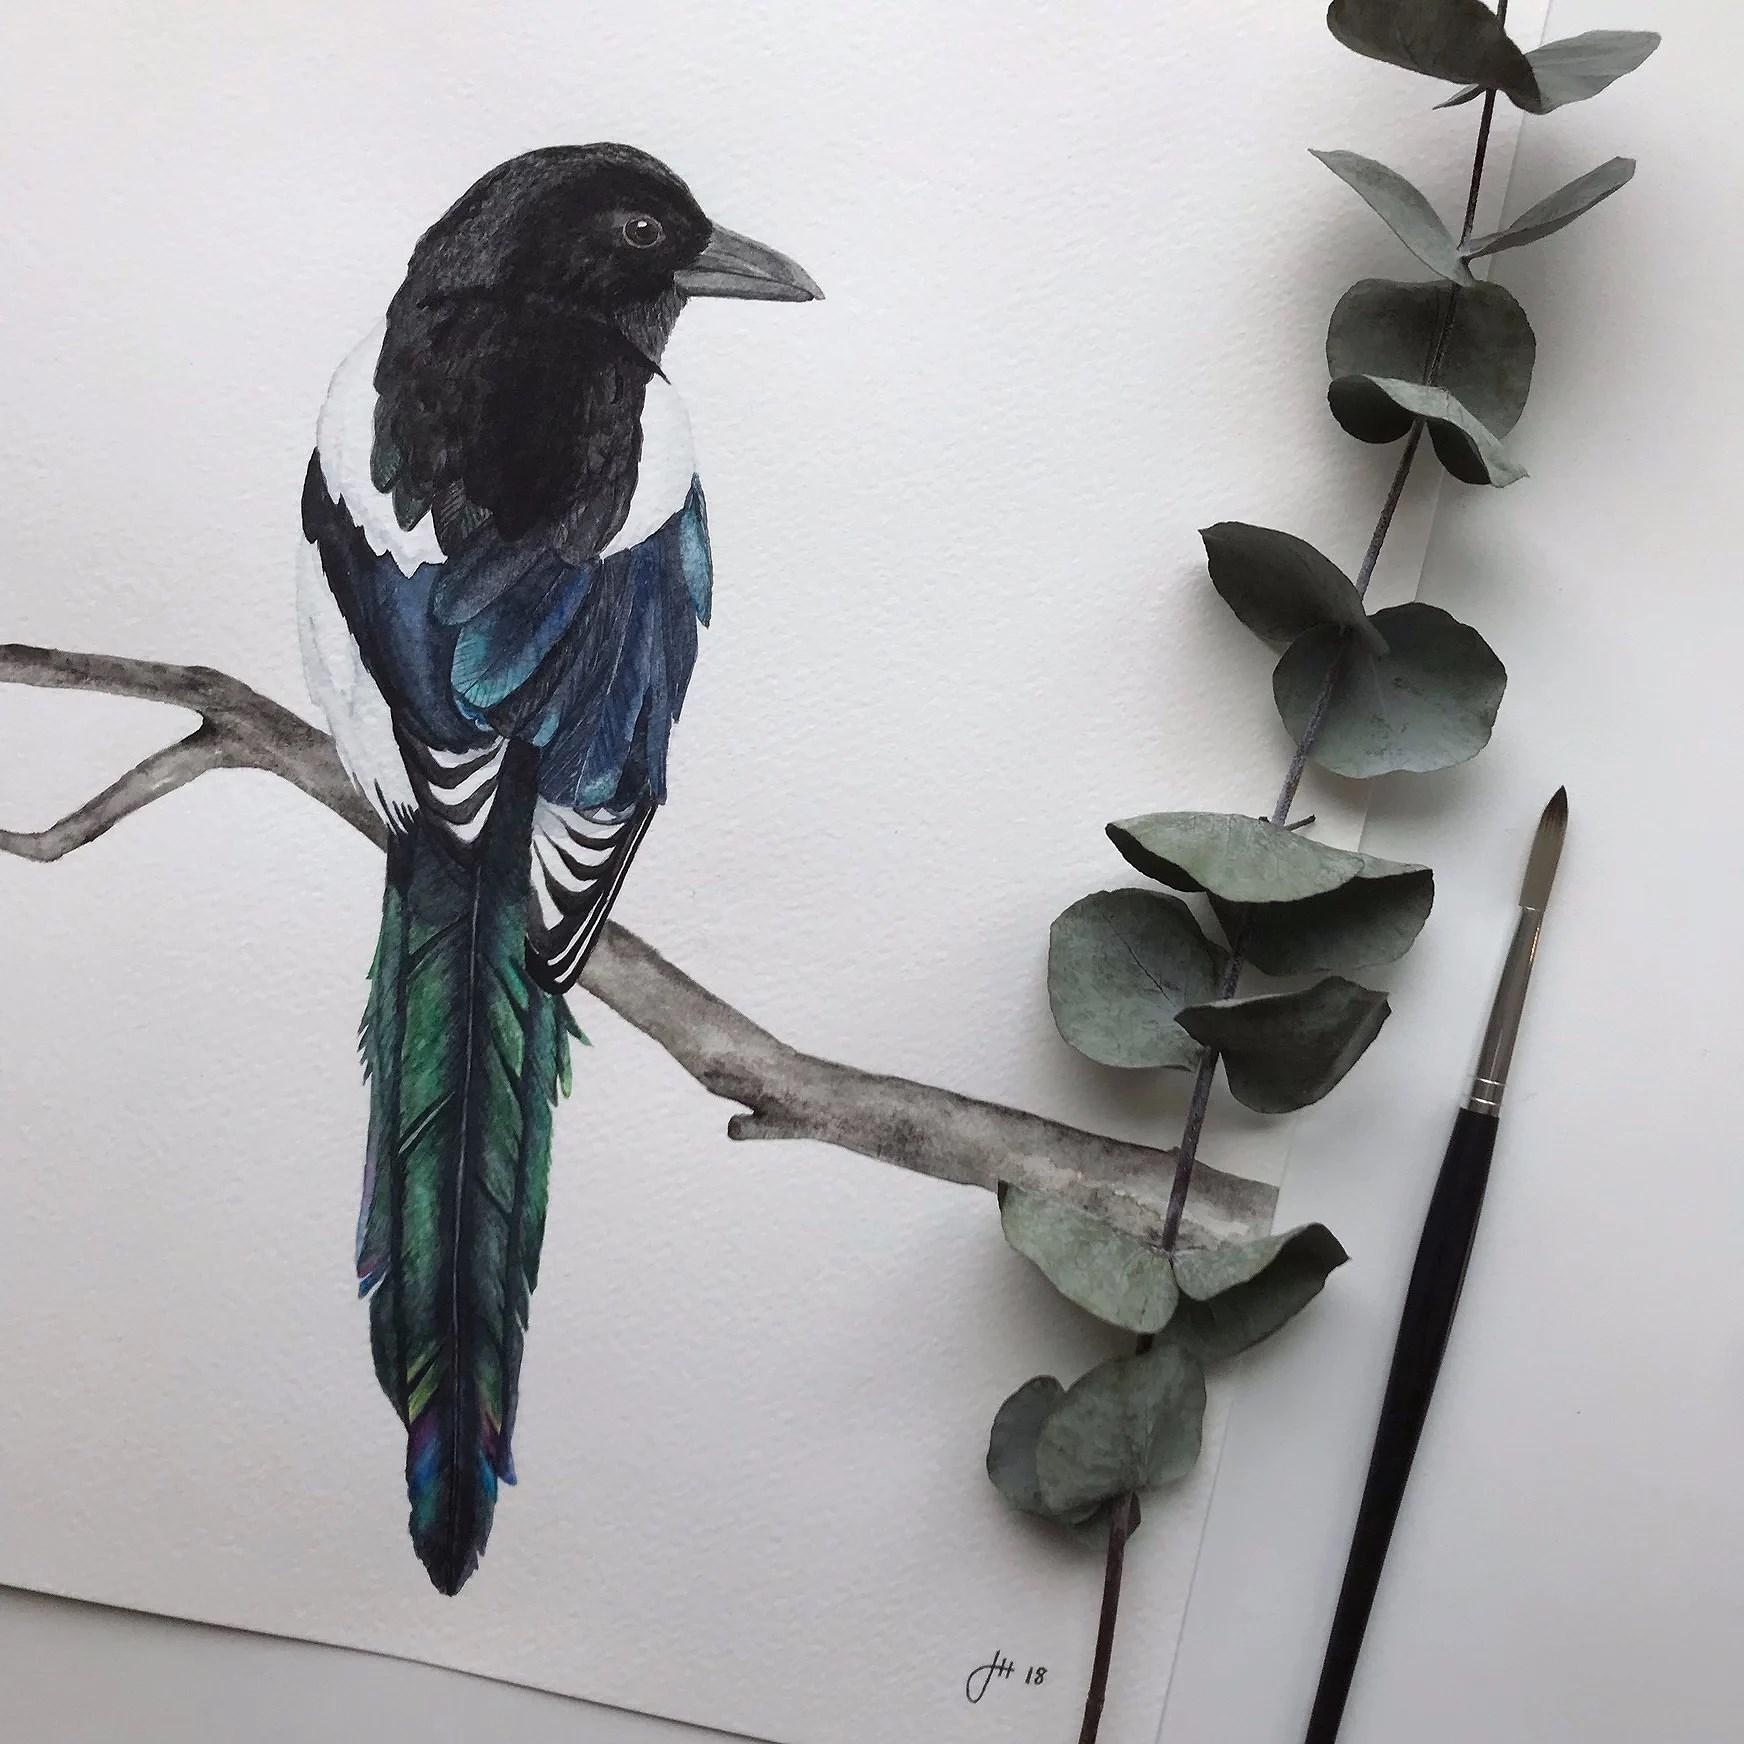 Skata i akvarell målad bakifrån